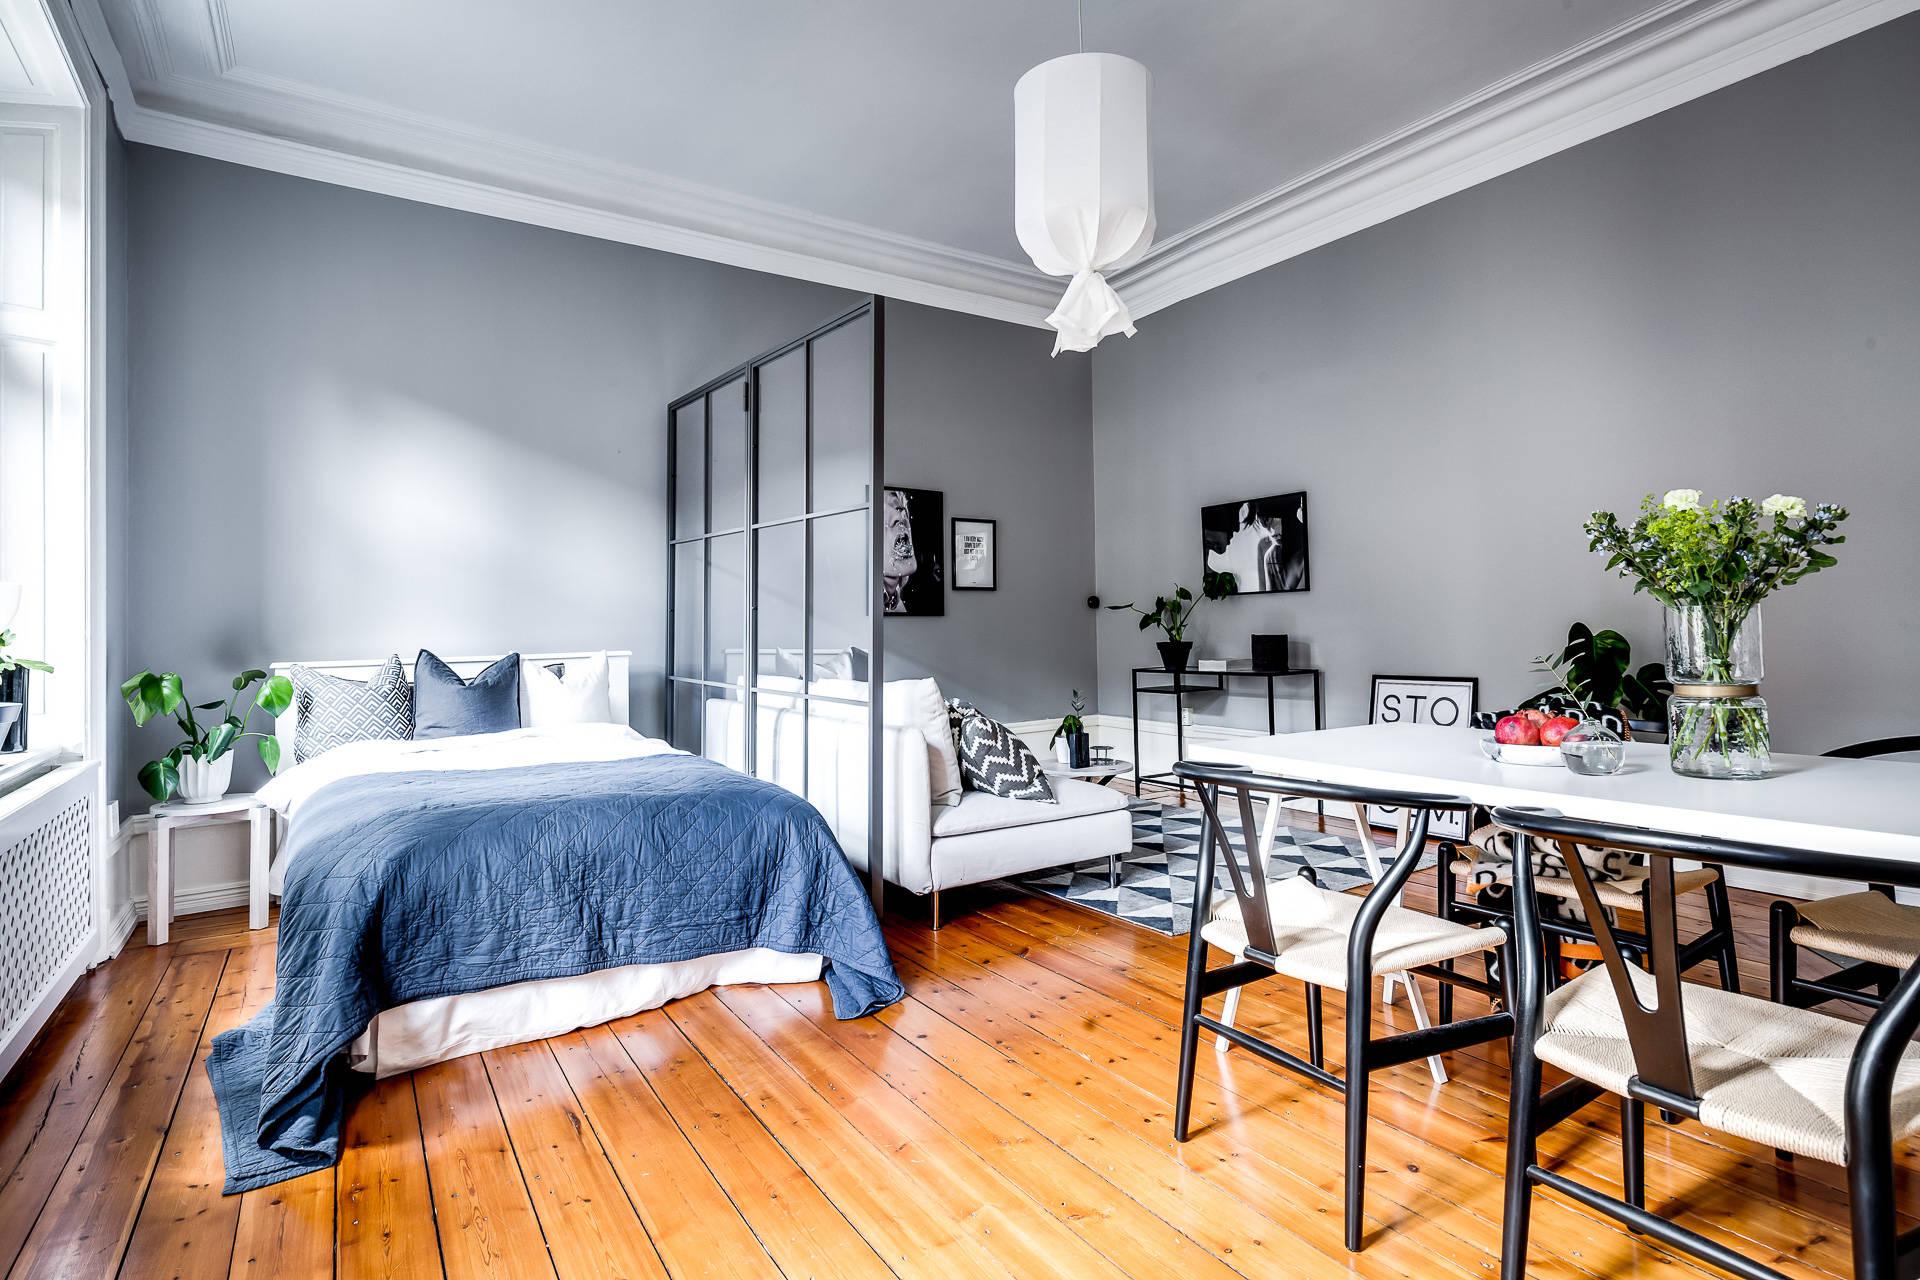 спальная зона в однокомнатной квартире фото